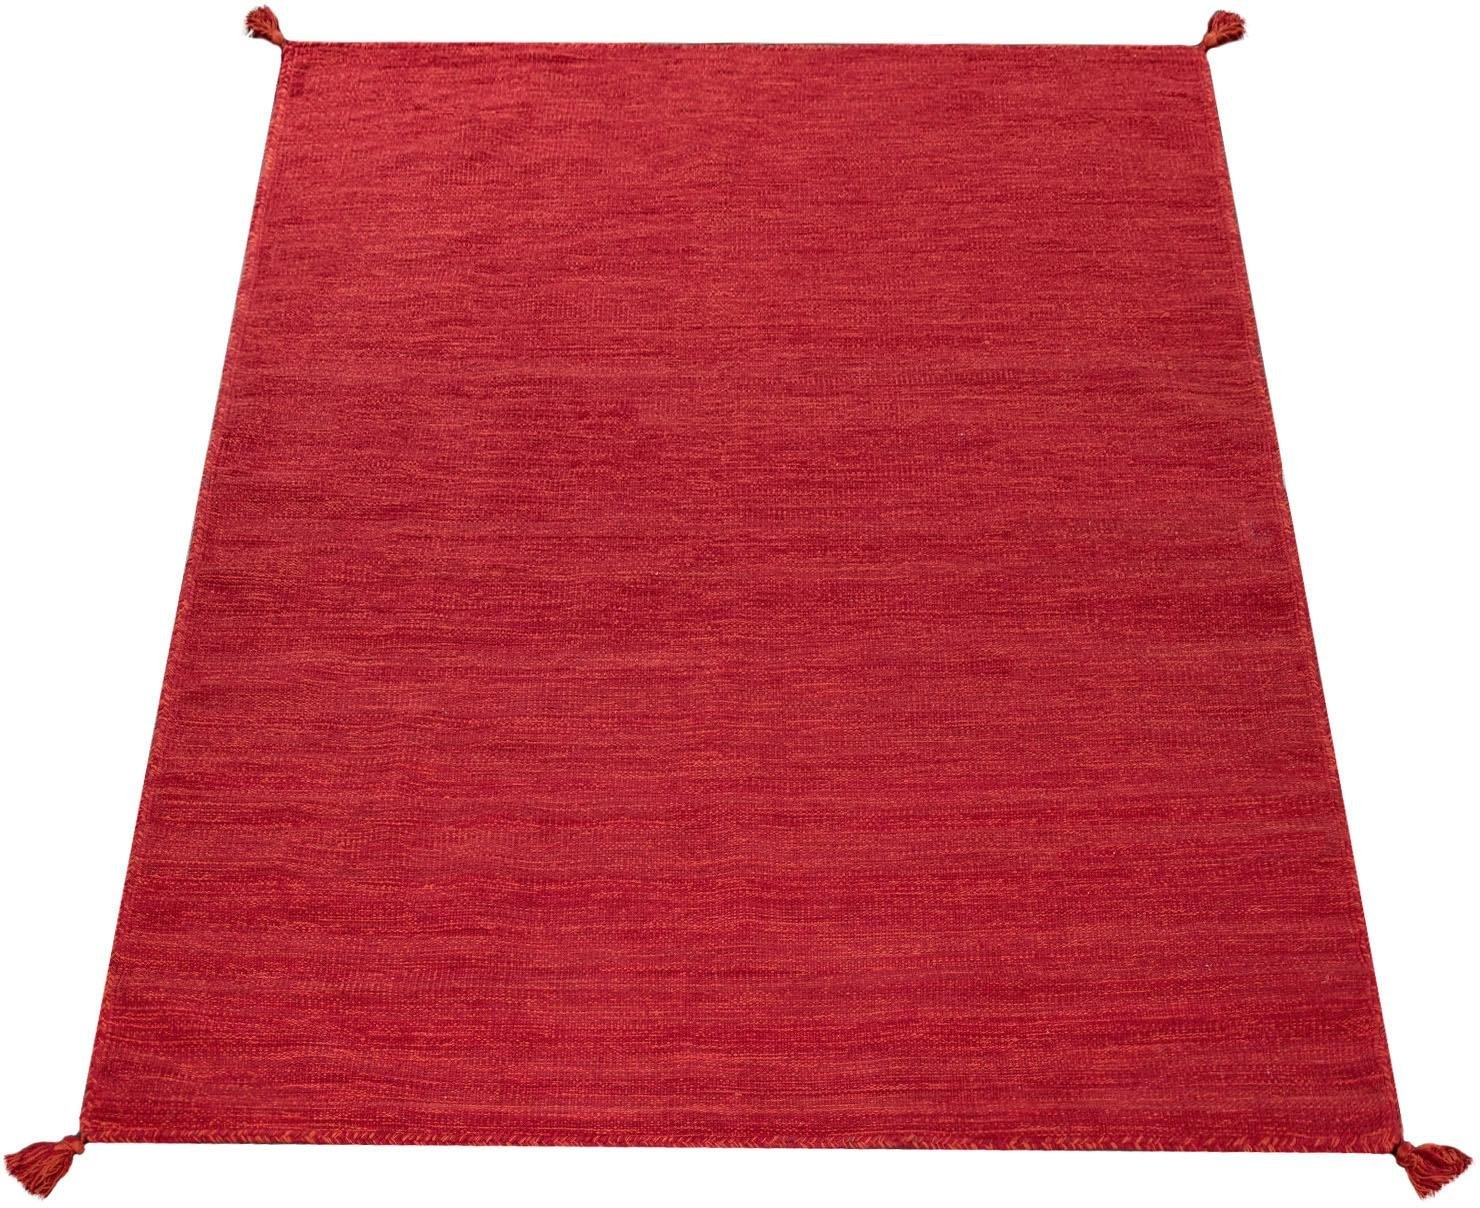 Paco Home vloerkleed Kilim 210 met de hand gemaakt geweven vloerkleed met franje, woonkamer bestellen: 30 dagen bedenktijd